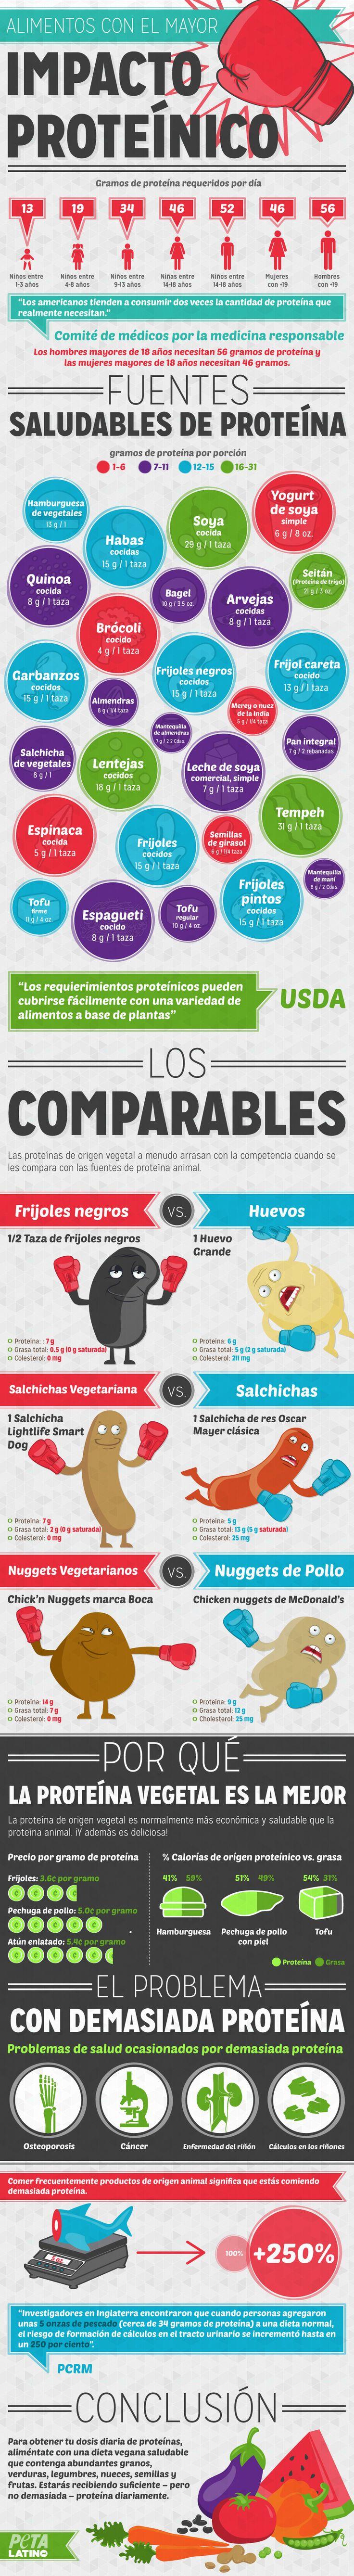 Fuentes saludables de proteina